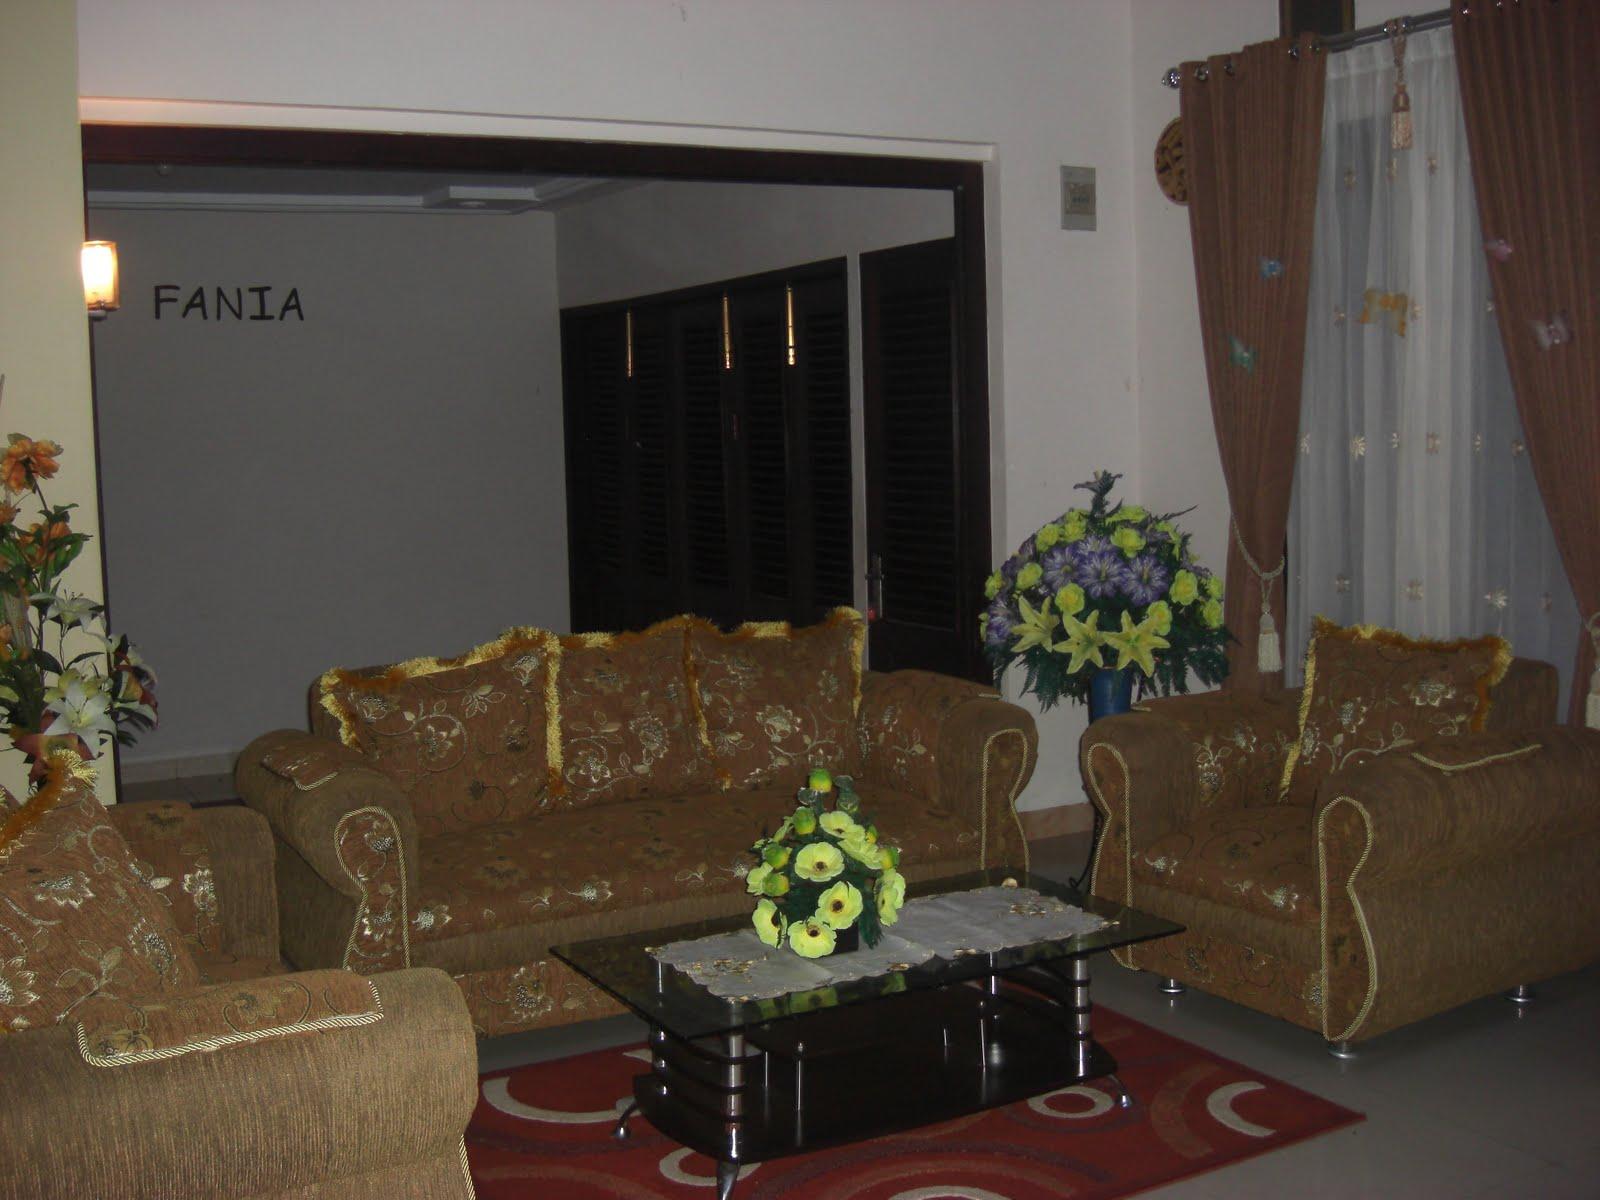 Menata Interior Ruang Tamu Di Rumah Layaknya Arsitektur Atau Dengan Ukuran Yang Bervariasi Merupakan Tantangan Desain